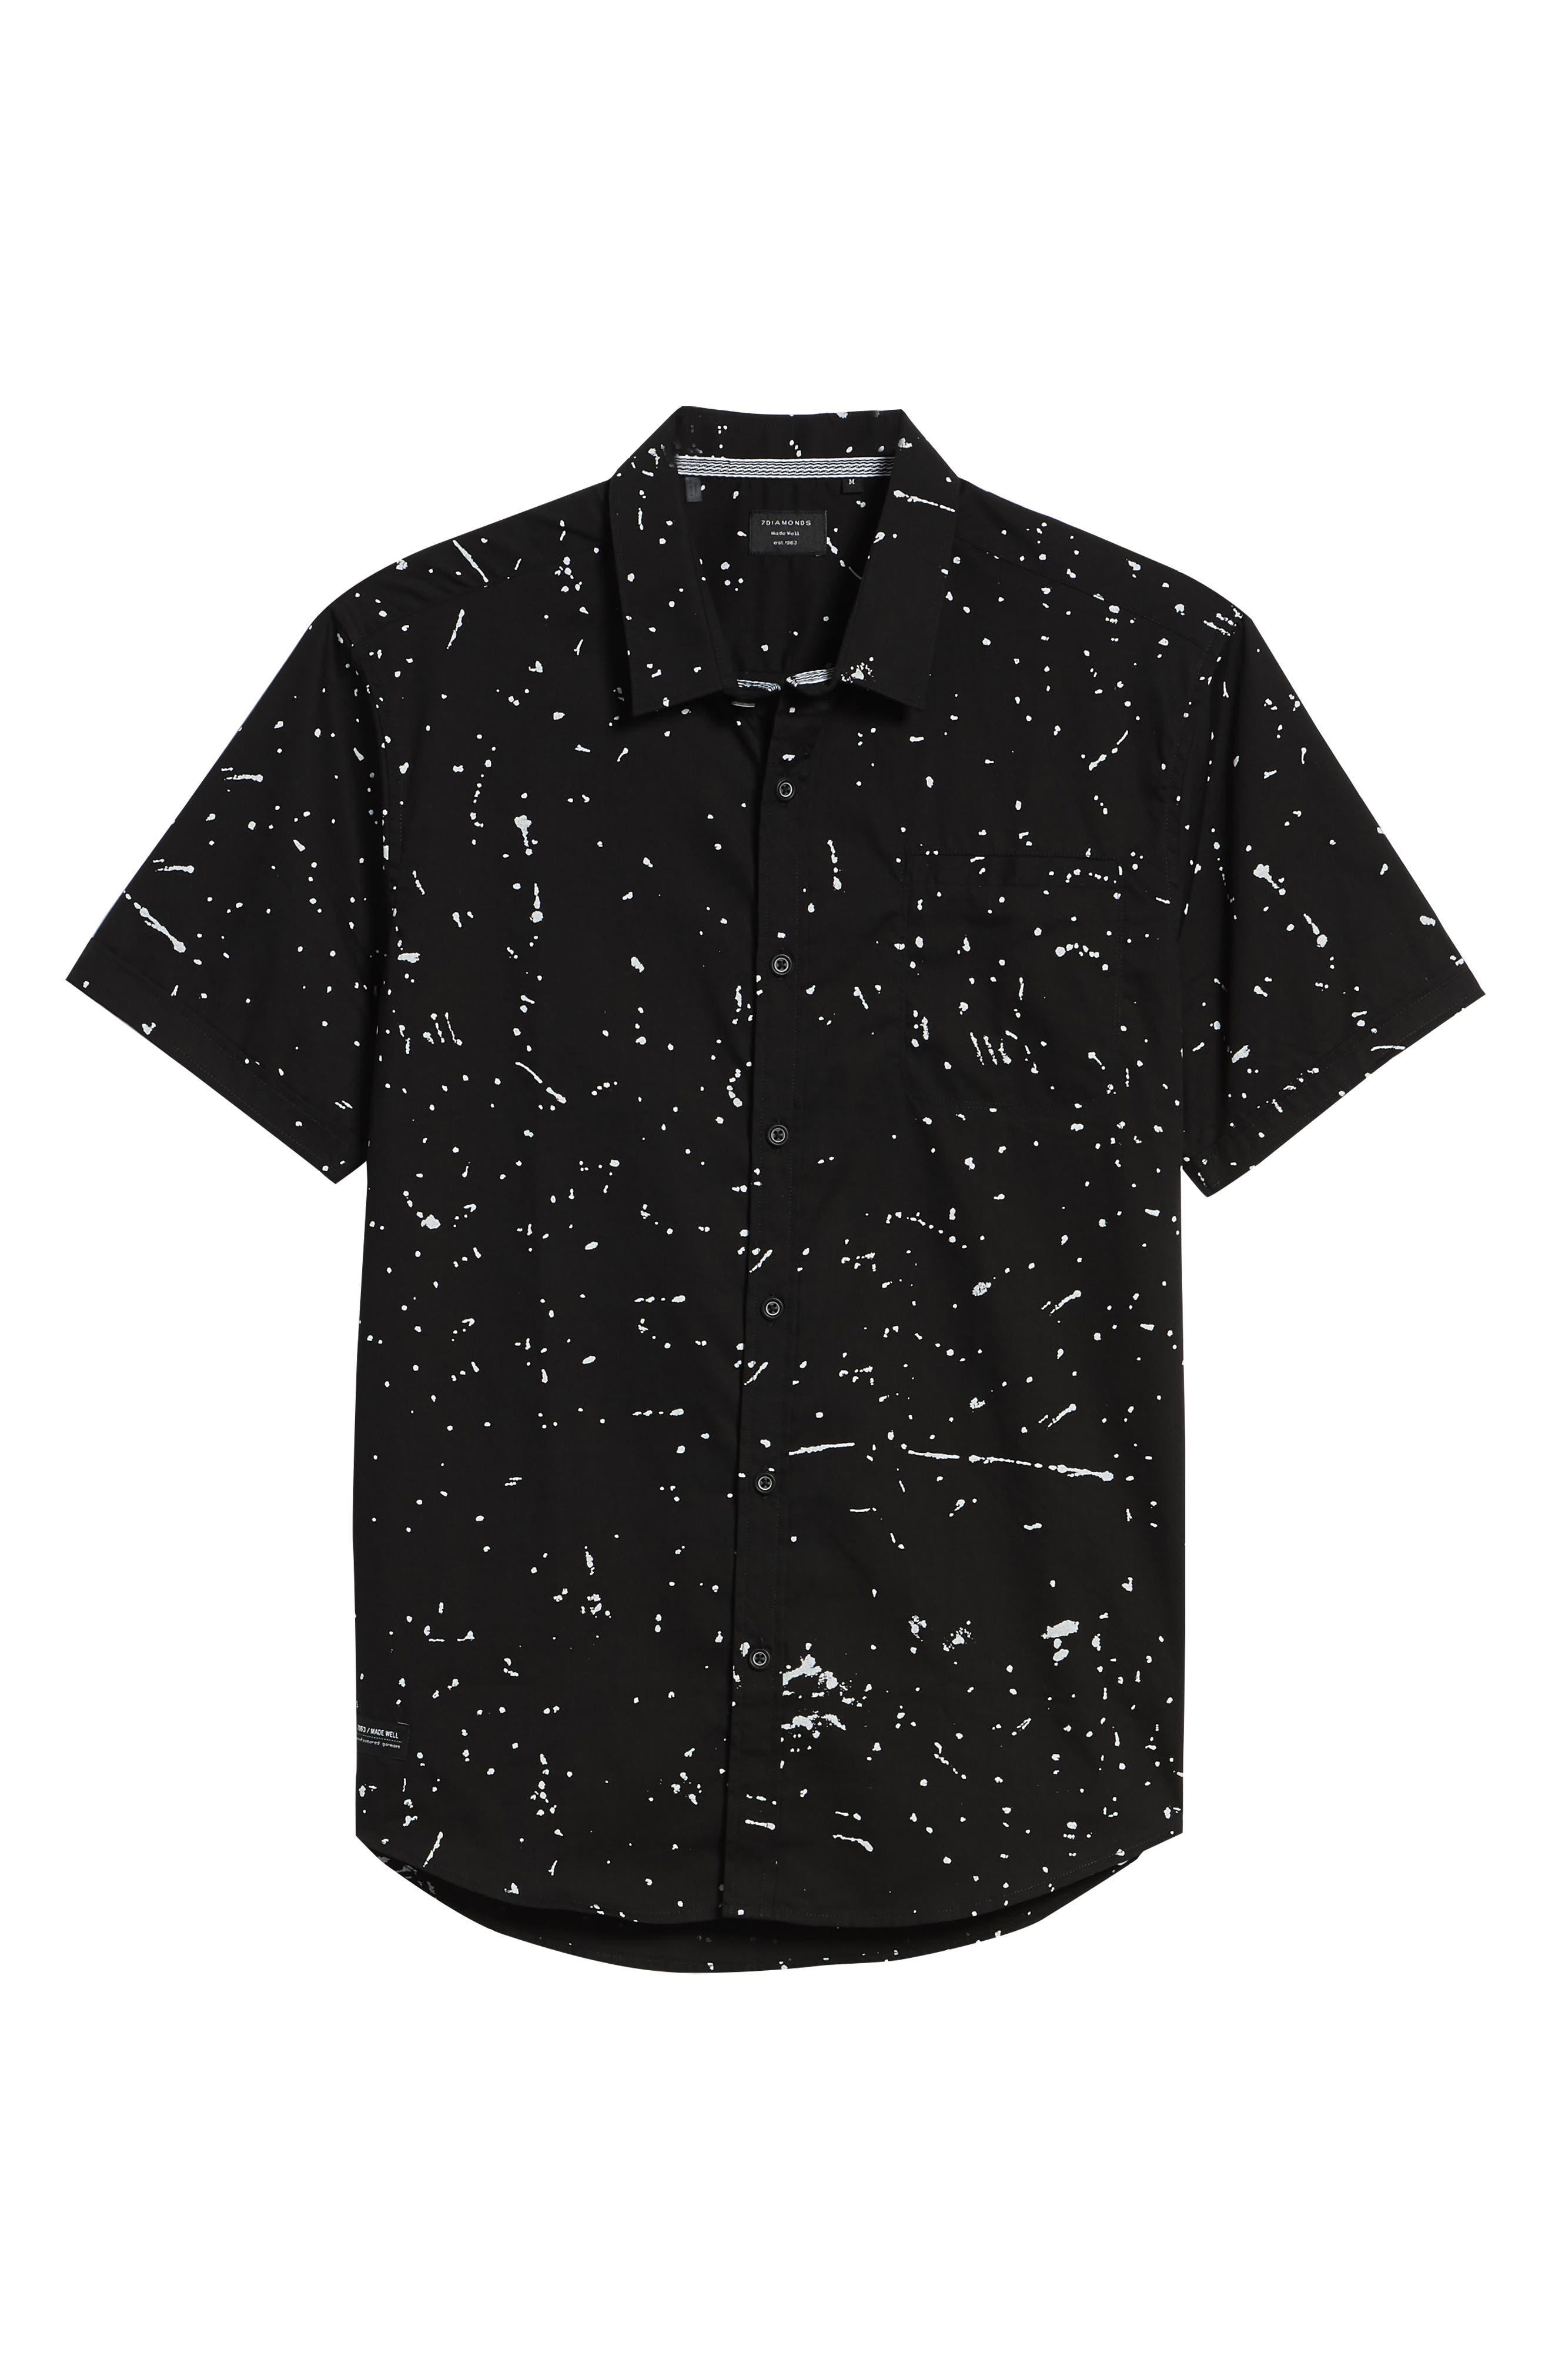 Sky Walker Splatter Sport Shirt,                             Alternate thumbnail 6, color,                             001